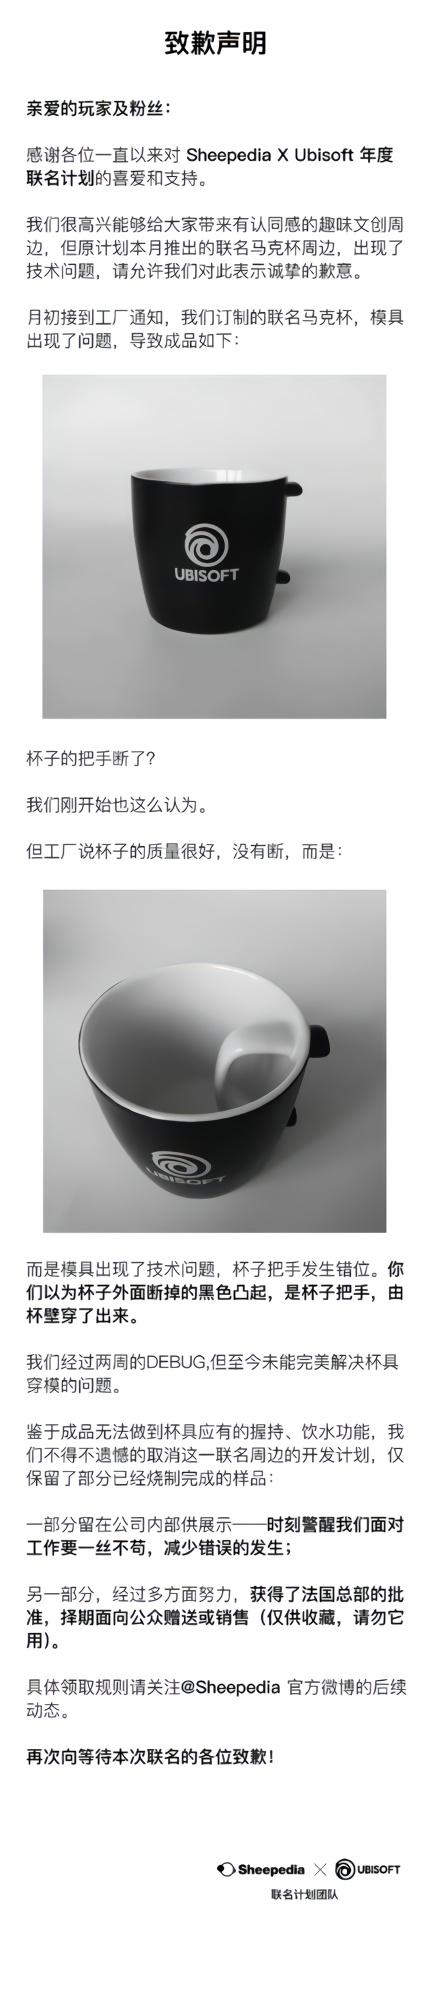 """育碧本""""碧"""":做个马克杯都要开启自黑模式"""